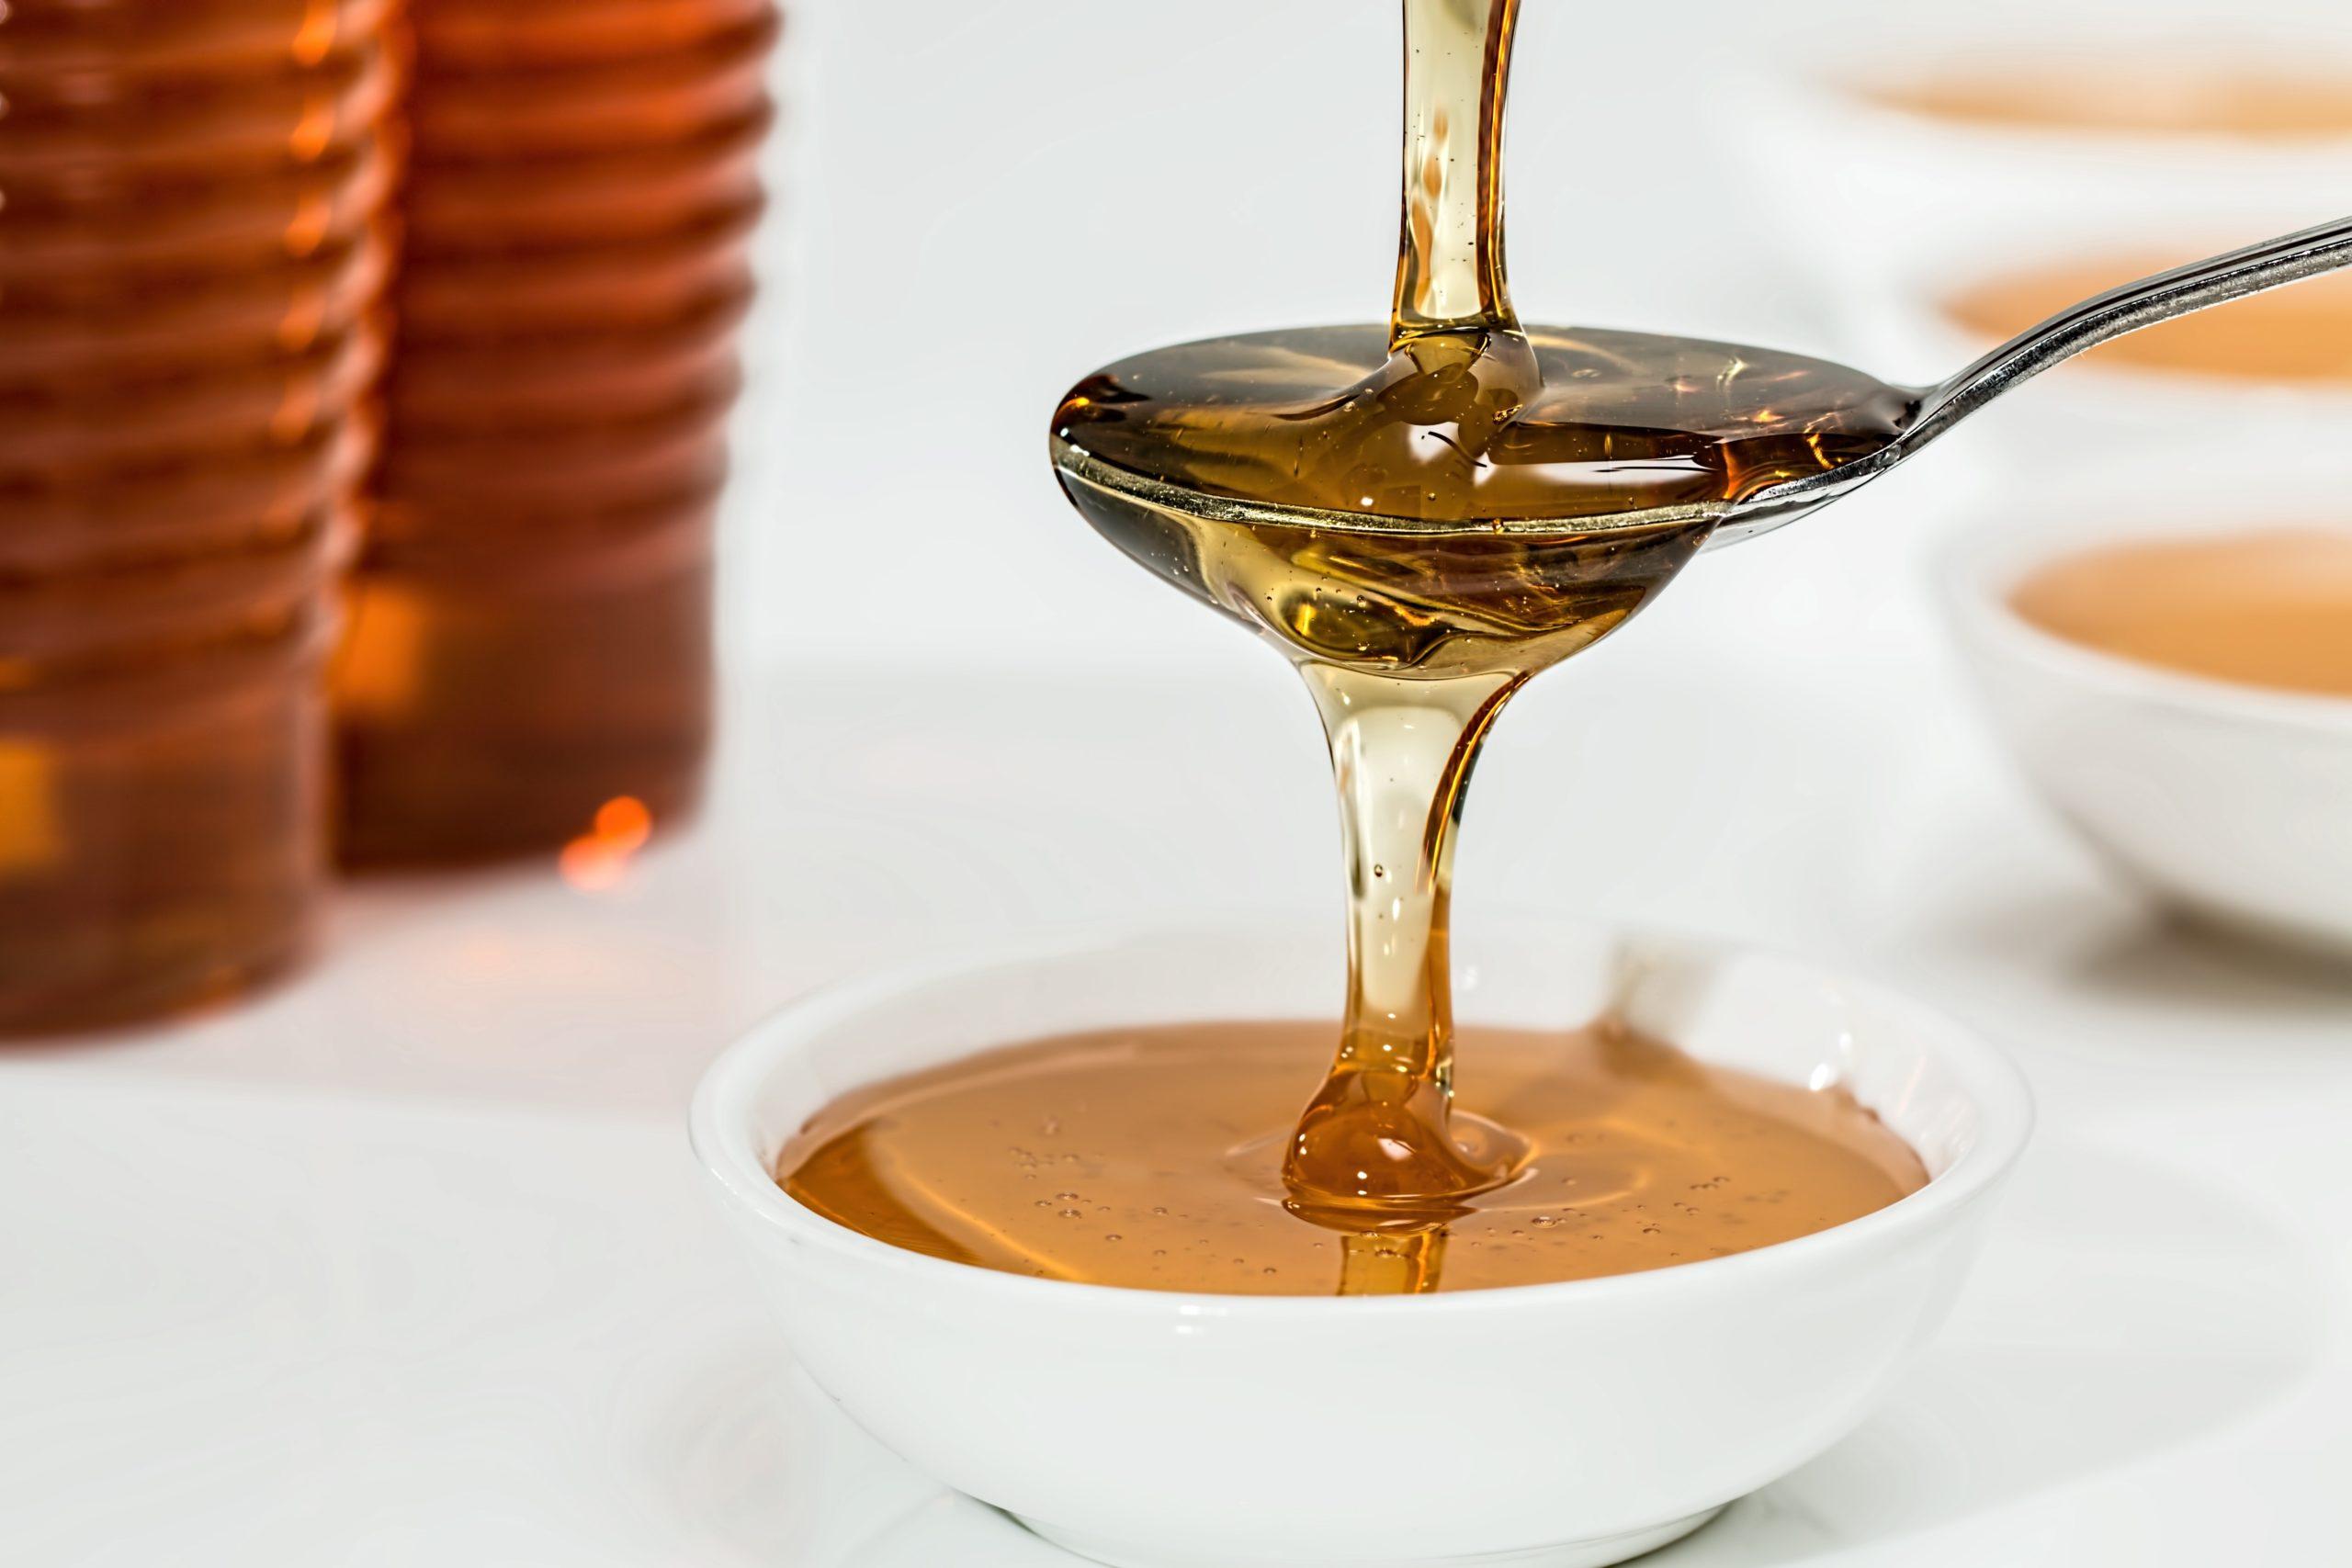 baños-arabes-cadiz-jerez-tratamiento-miel